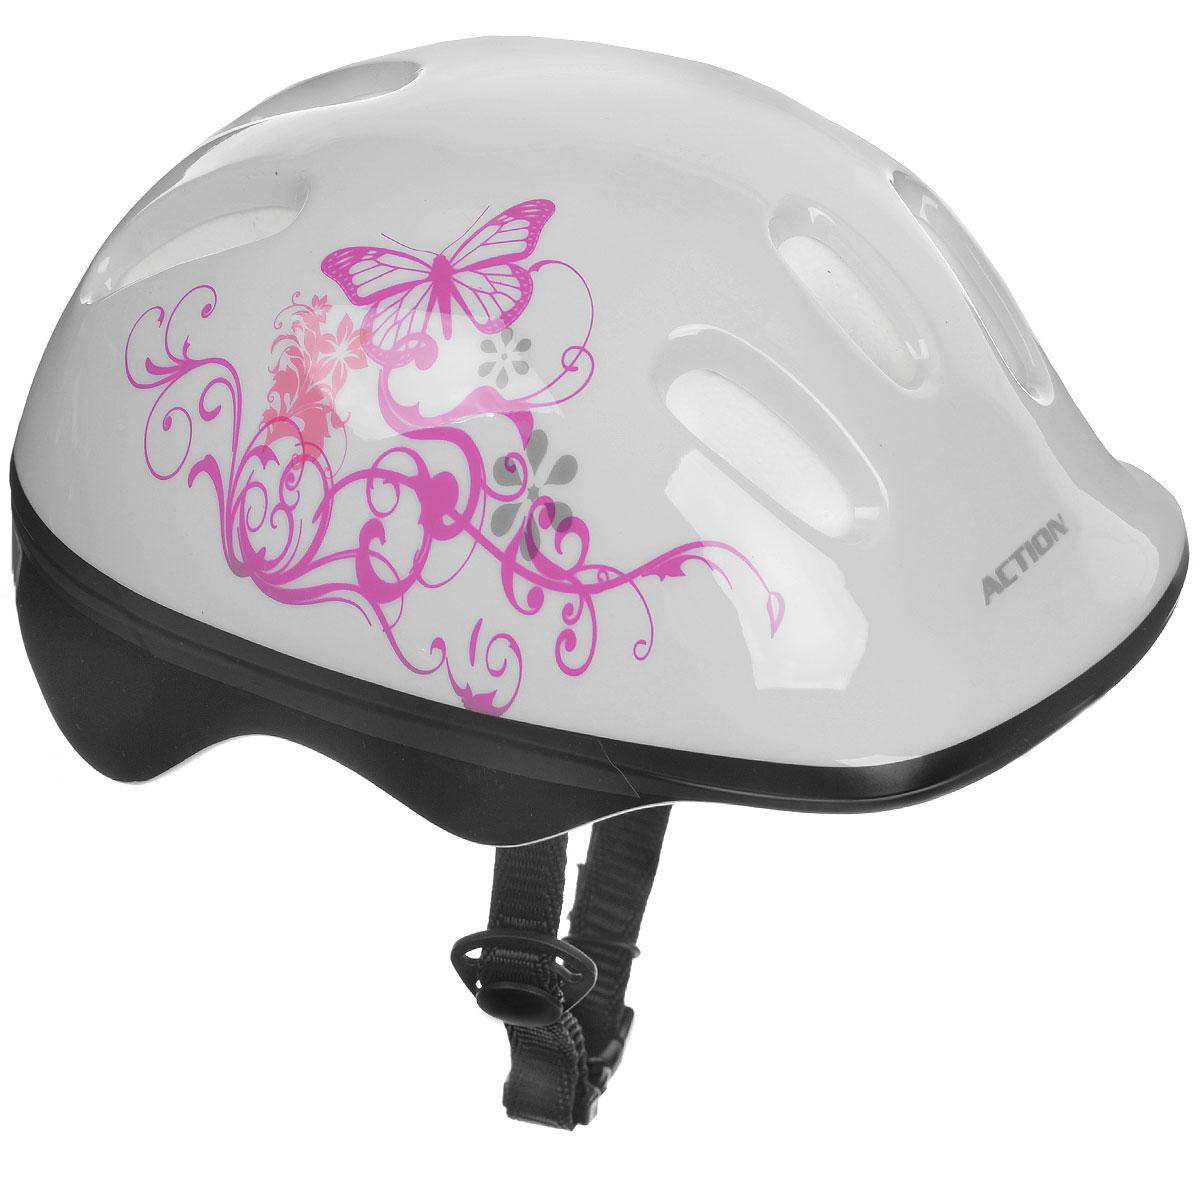 Шлем защитный Action, цвет: белый, розовый. Размер XS (48-51). PWH-10Z90 blackШлем Action послужит отличной защитой для ребенка во время катания на роликах или велосипеде. Он выполнен из плотного вспененного пенопласта, покрытого пластиковой пленкой и отлично сидит на голове, благодаря мягким вставкам на внутренней стороне. Шлем снабжен системой вентиляции и крепится при помощи удобного регулируемого ремня с пластиковым карабином, застегивающимся на подбородке.